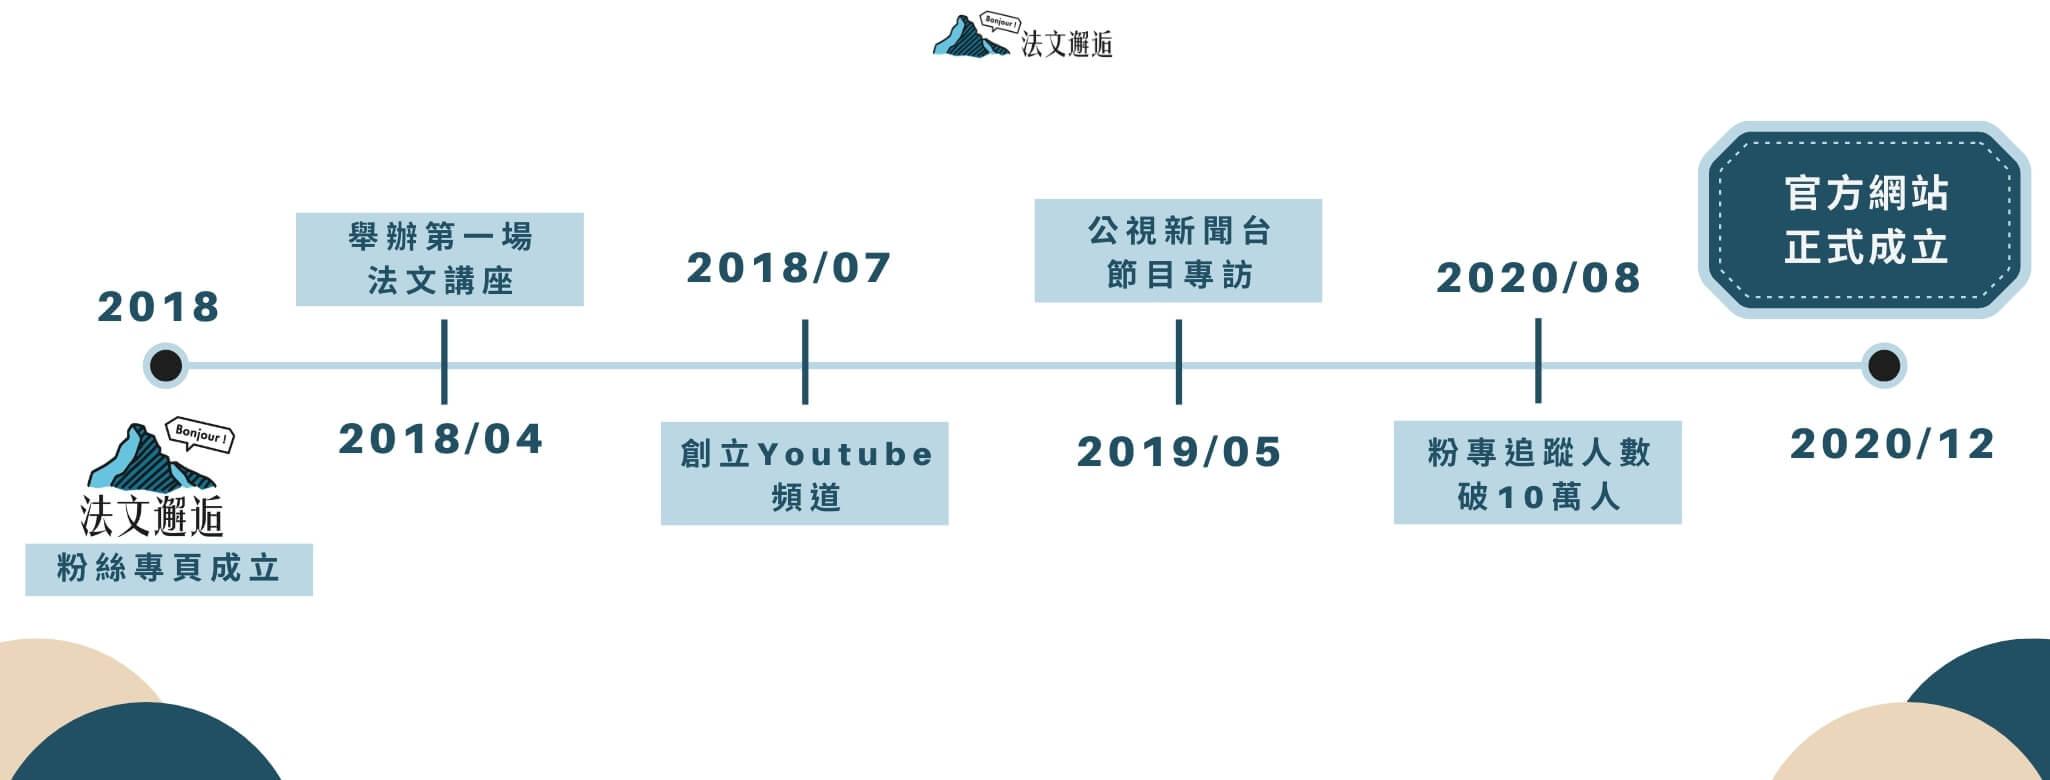 2018 杰宇的法文邂逅 粉絲專頁成立 1